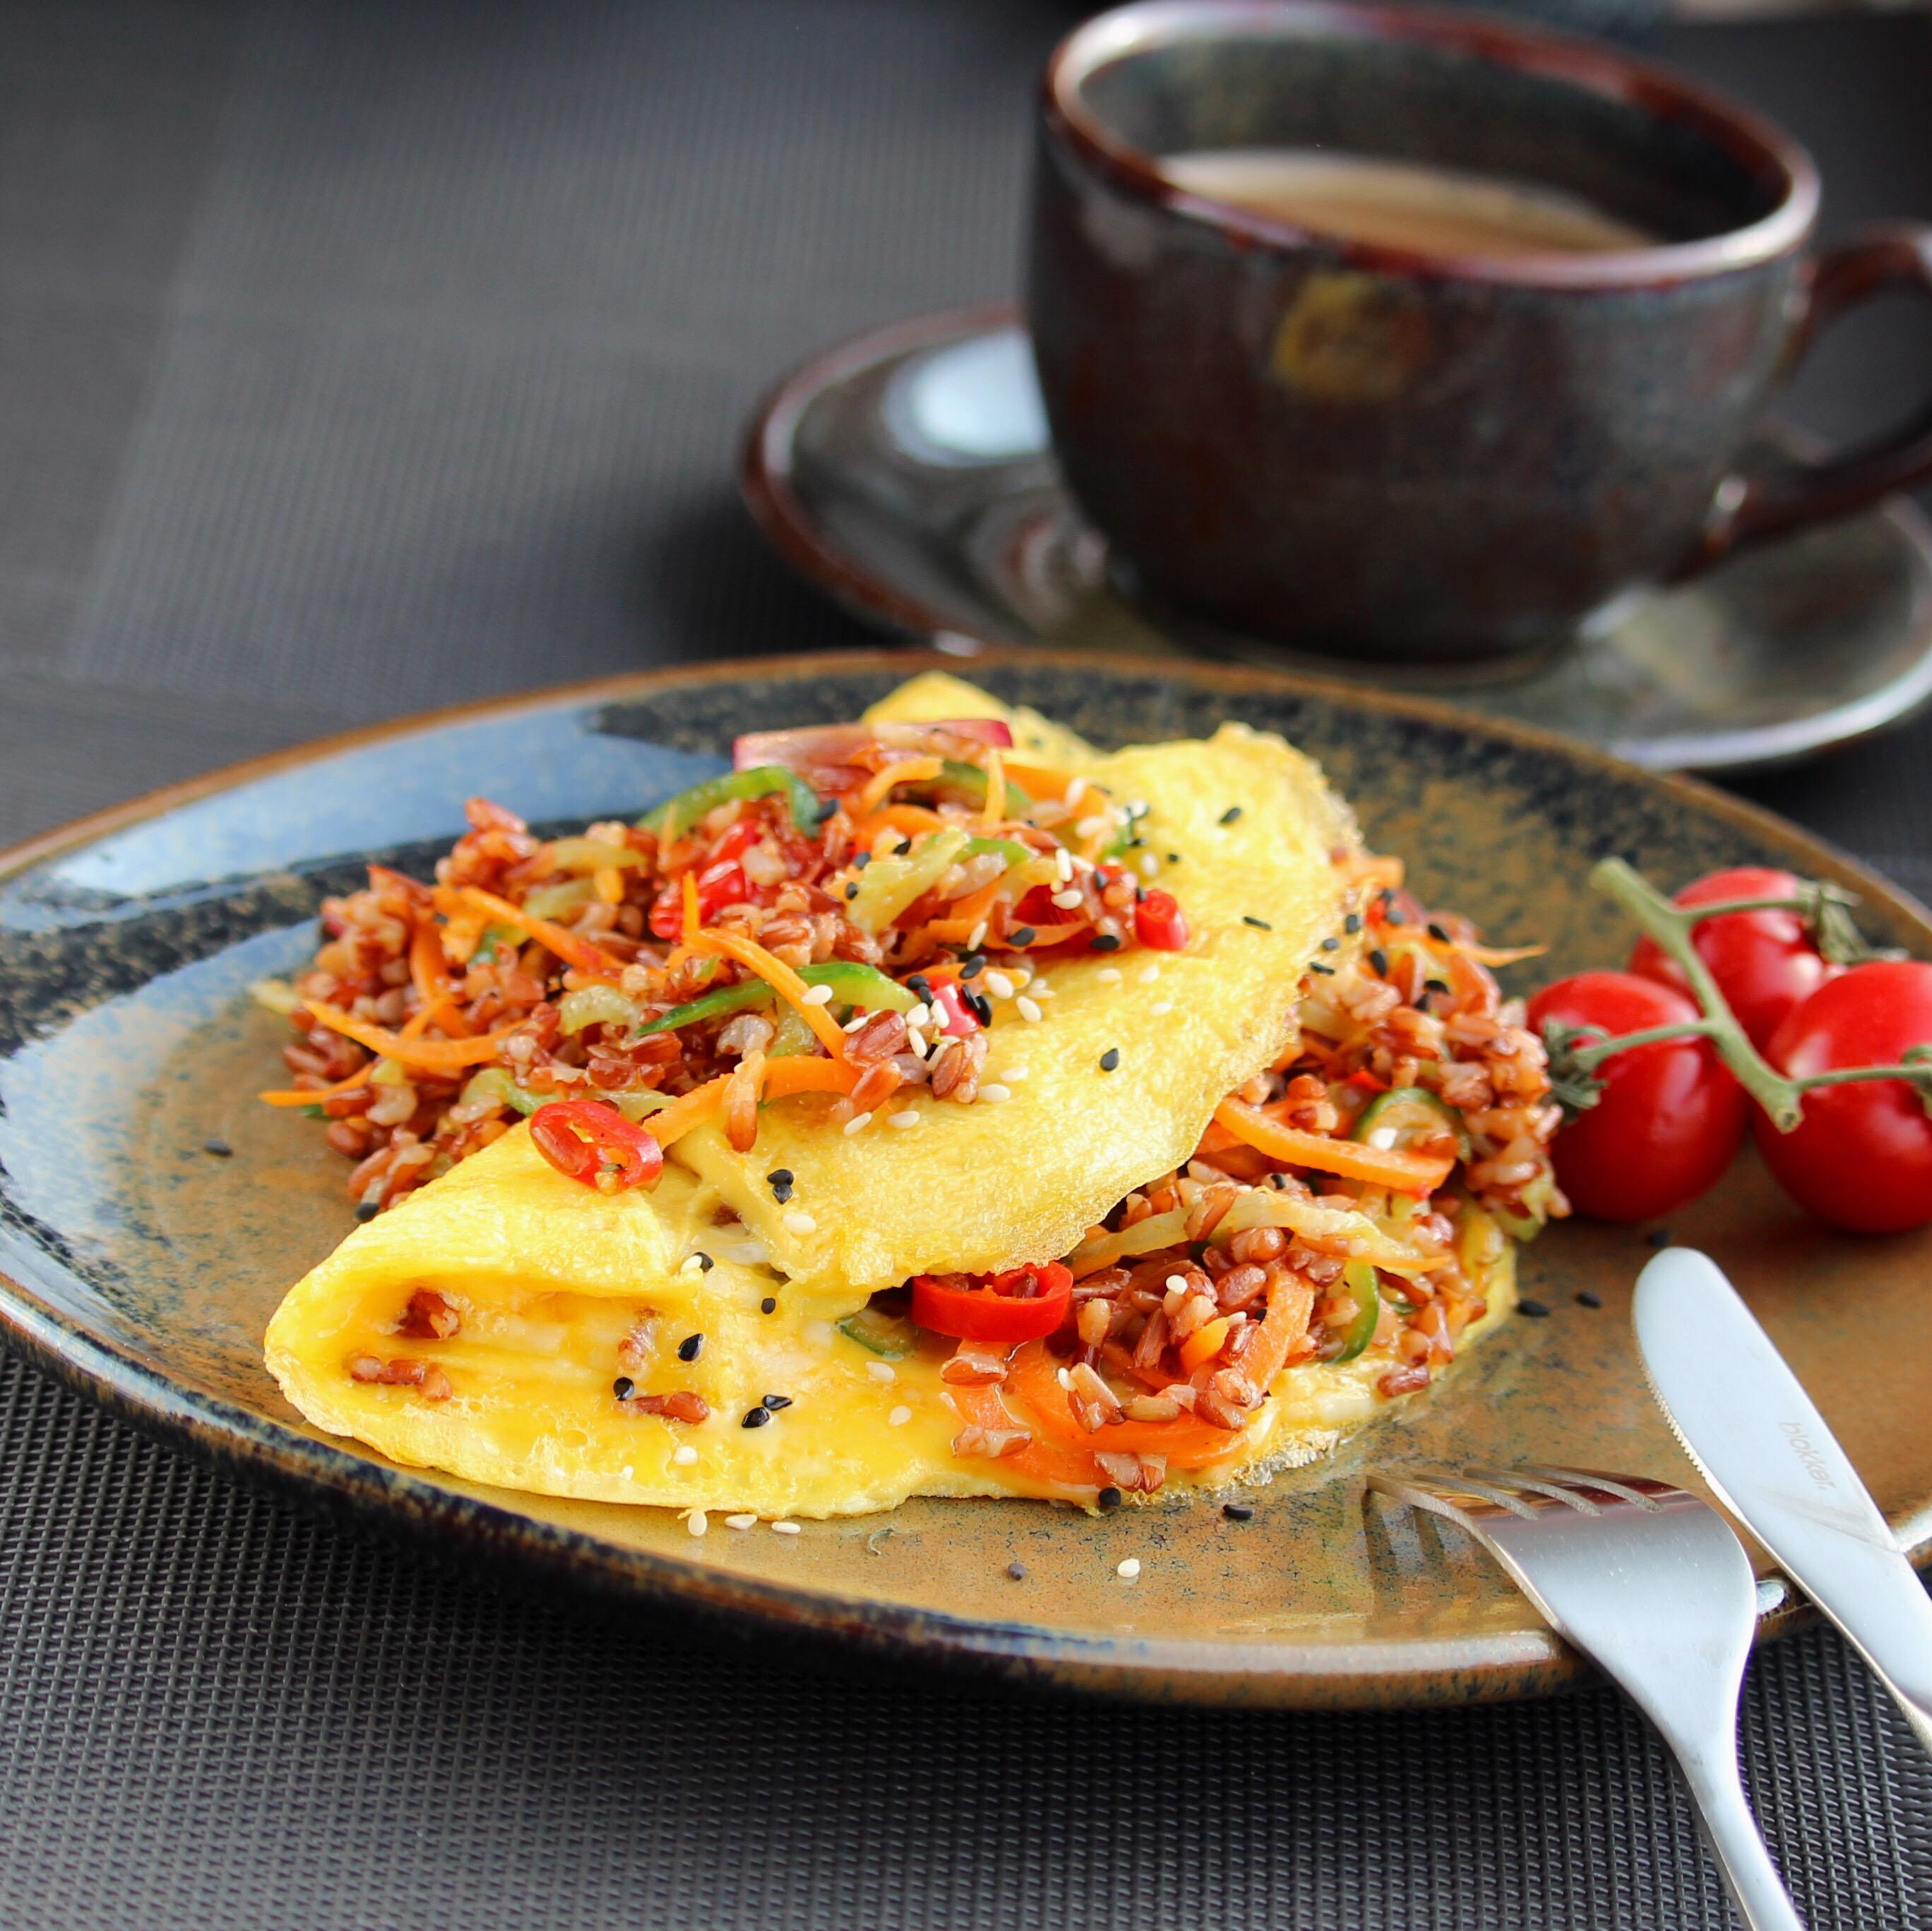 Jora's Rice Omelet